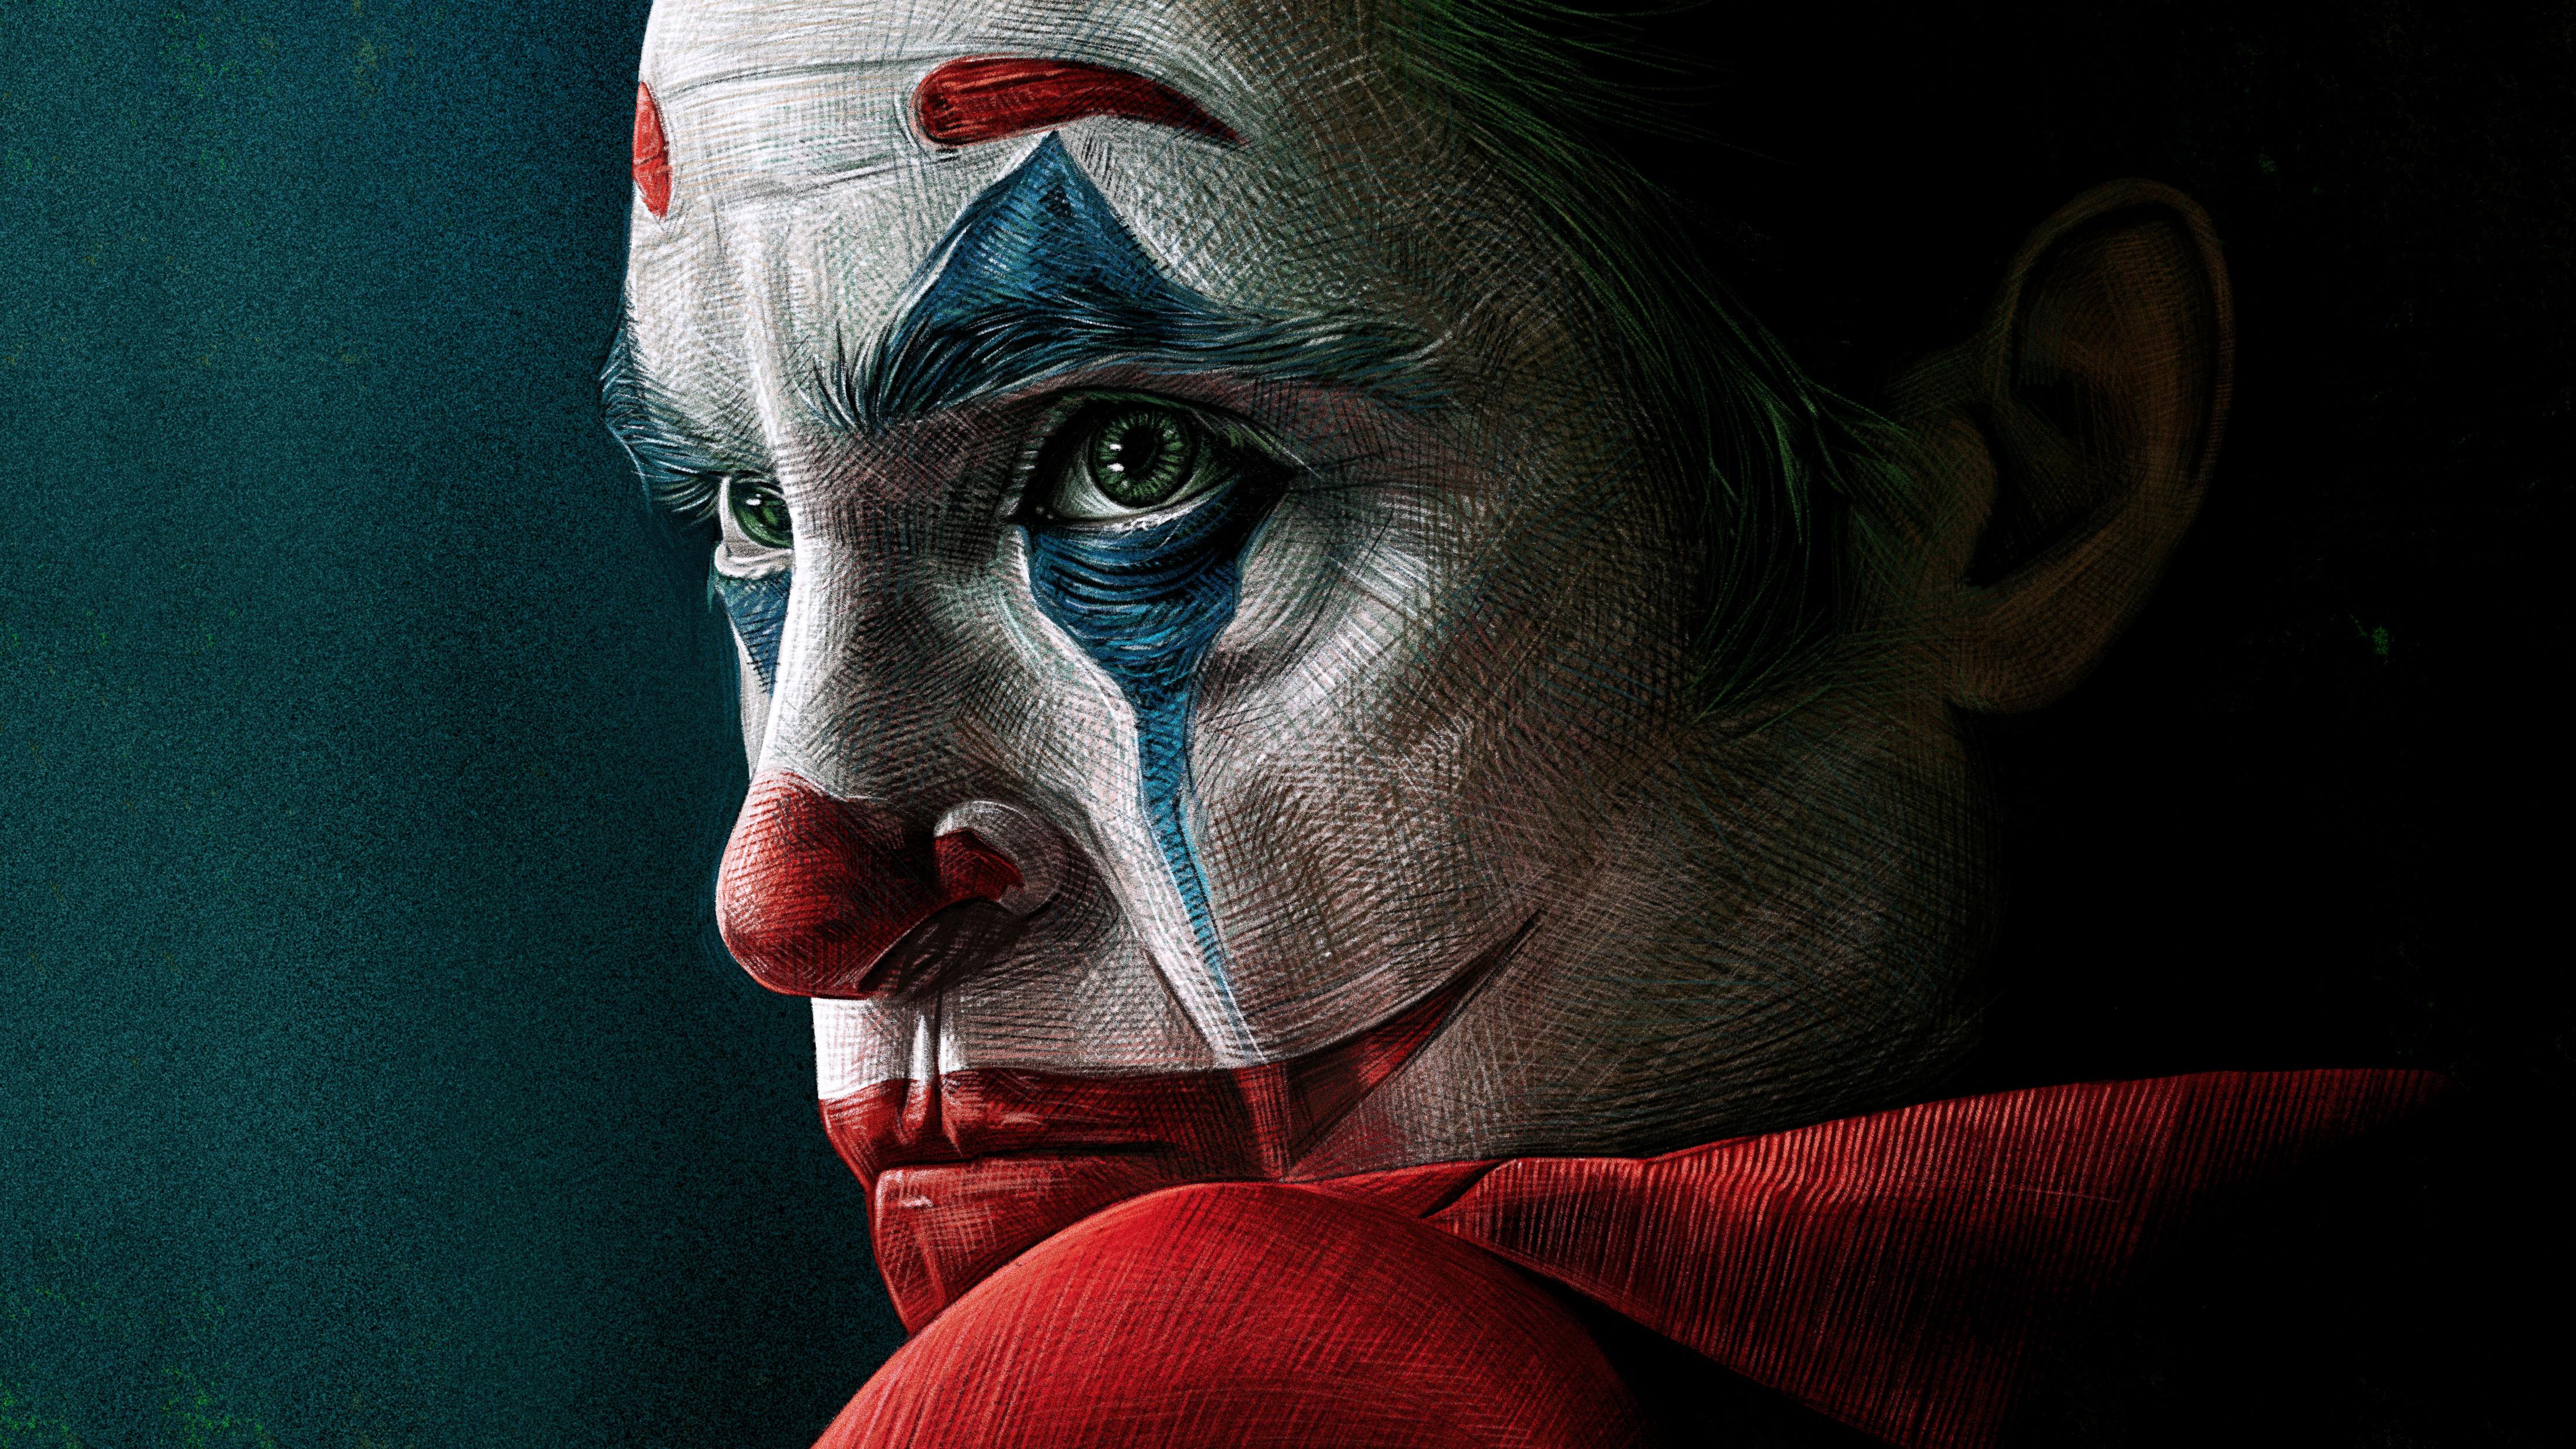 Joker Movie 4k Artwork Hd Movies 4k Wallpapers Images